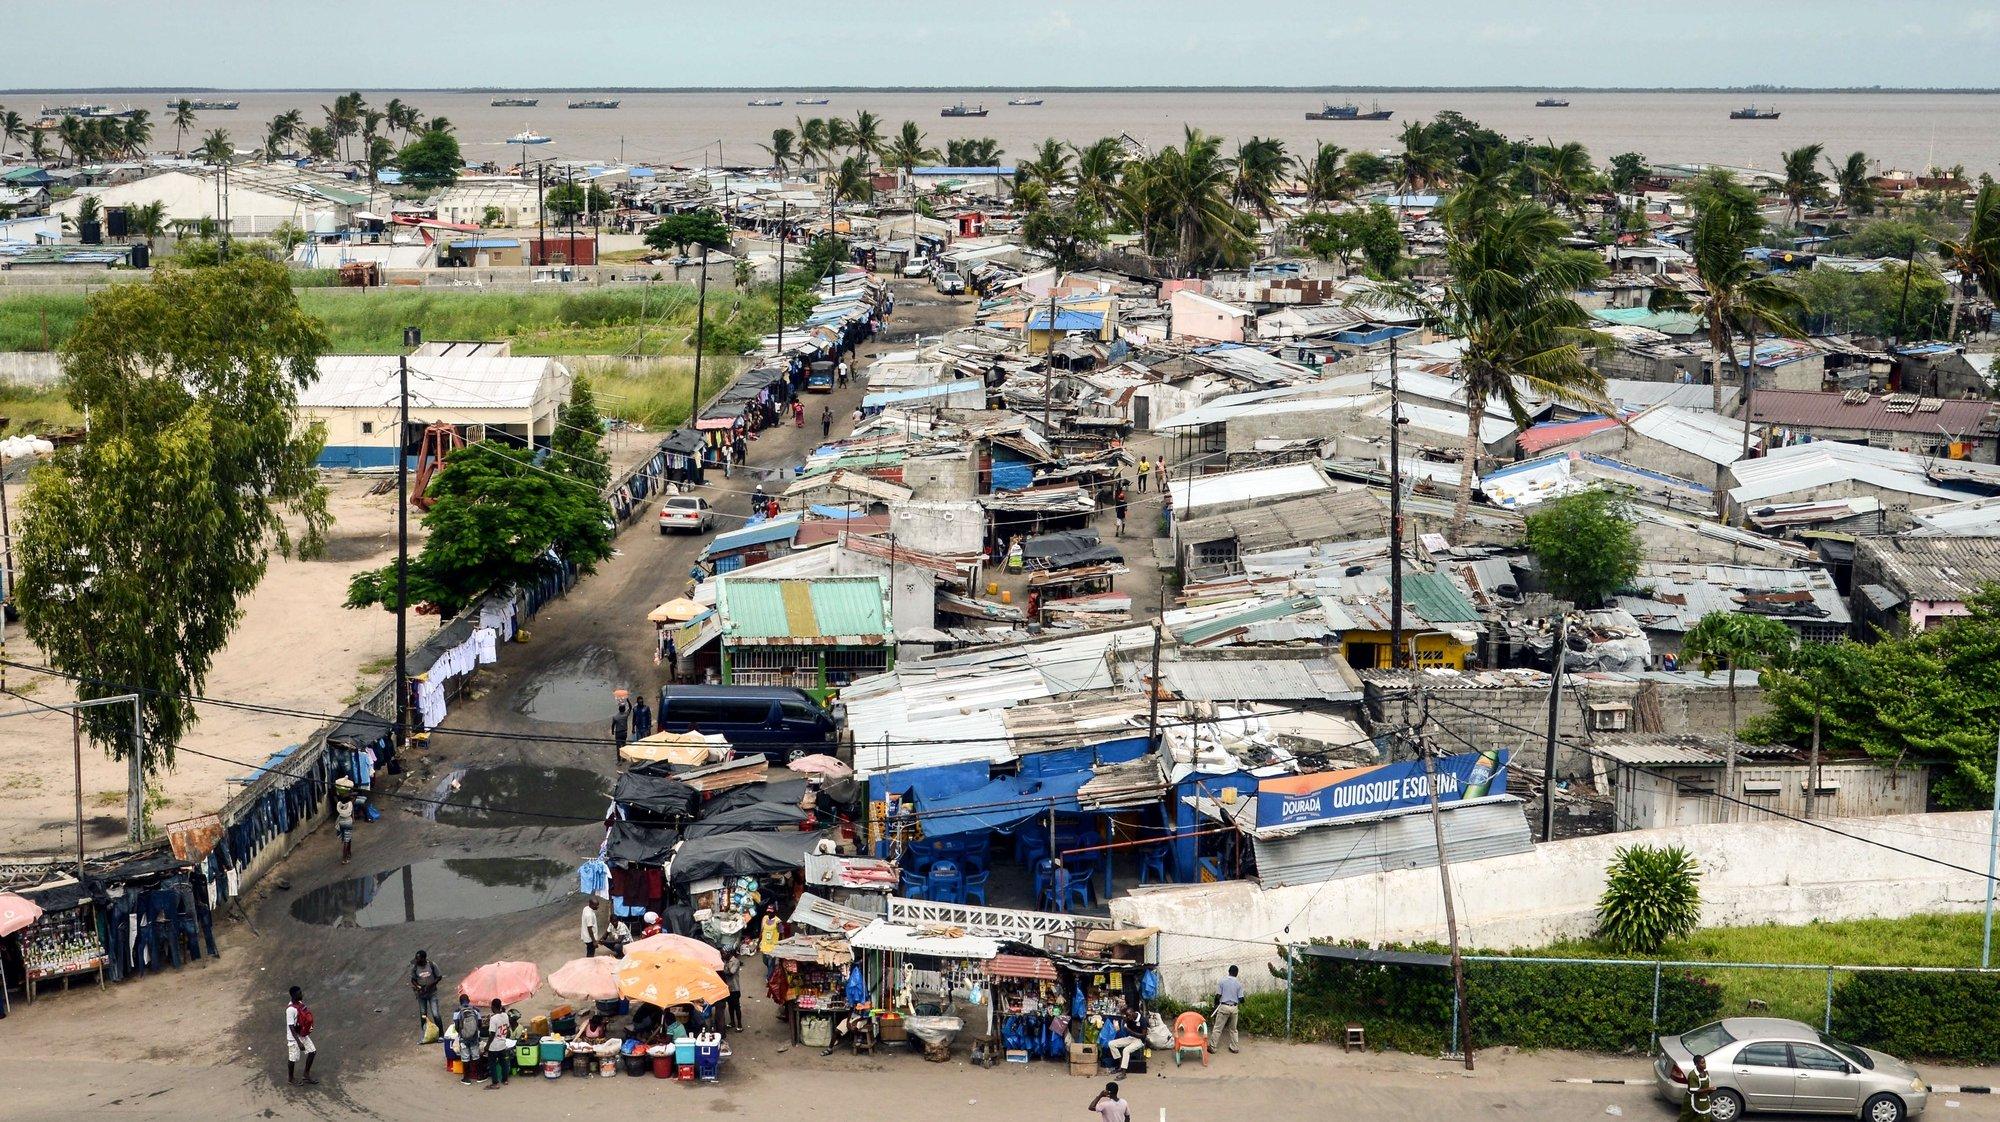 O bairro da Praia Nova um ano após os estragos do ciclone Idai em Moçambique, Beira, 28 de fevereiro de 2010. O ciclone Idai atingiu o cento de Moçambique em março de 2019, provocou 603 mortos e a cidade da Beira, uma das principais do país, foi severamente afetada. (ACOMPANHA TEXTO DE 11/03/2020)  ANTÓNIO SILVA/LUSA